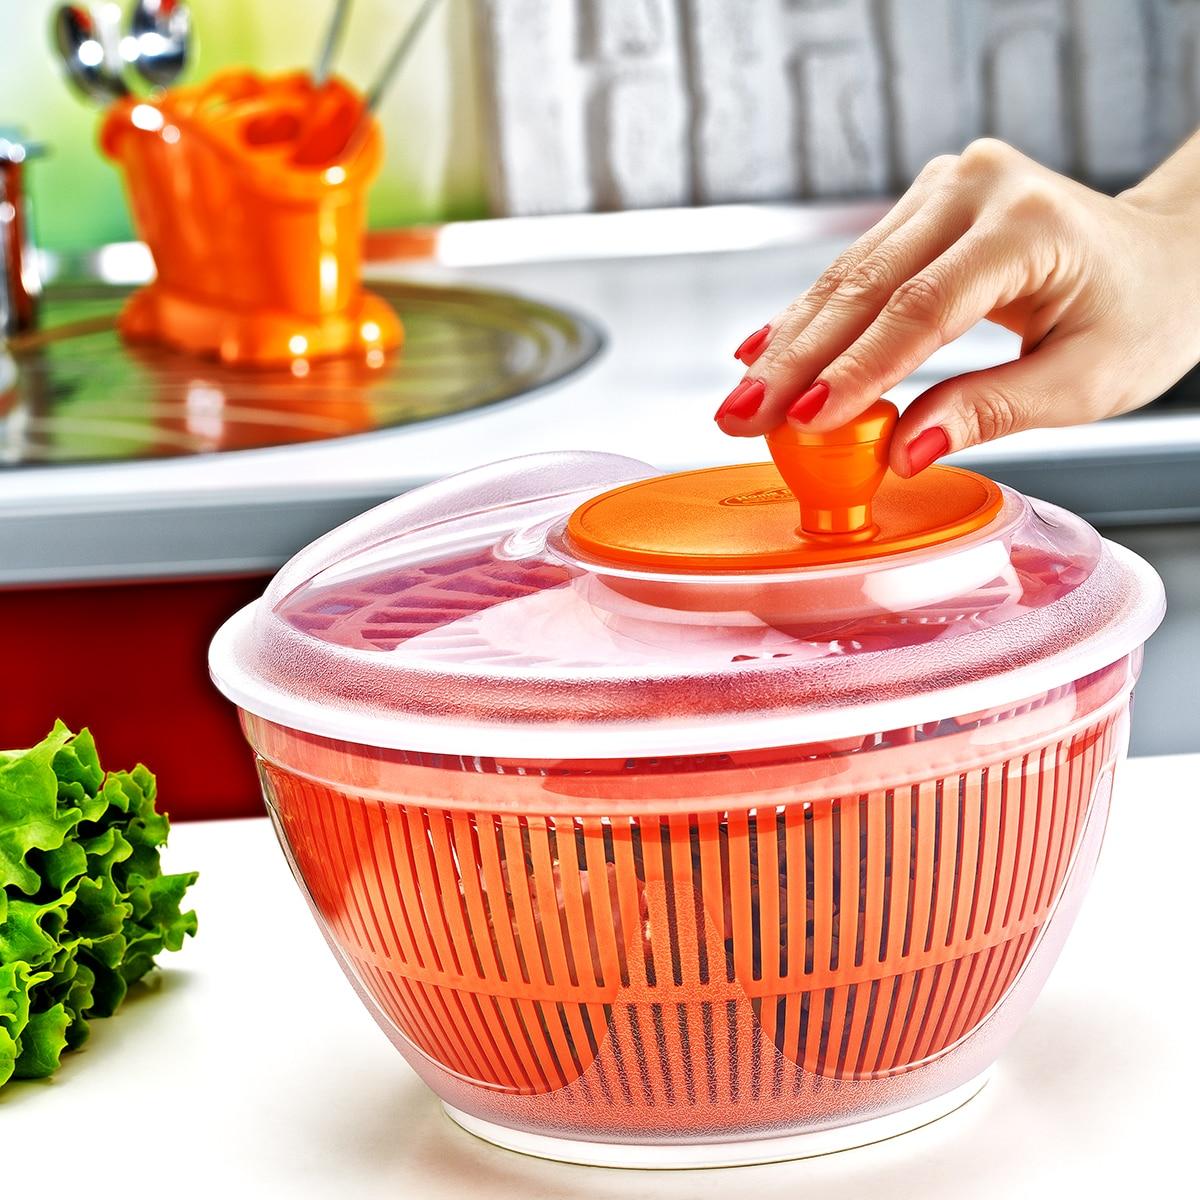 Контейнер для сушки салатов с сетчатым фильтром, центрифуга для разделения воды в упаковке, качественный пластик без бисфенола А, Ø 26x16 суши...